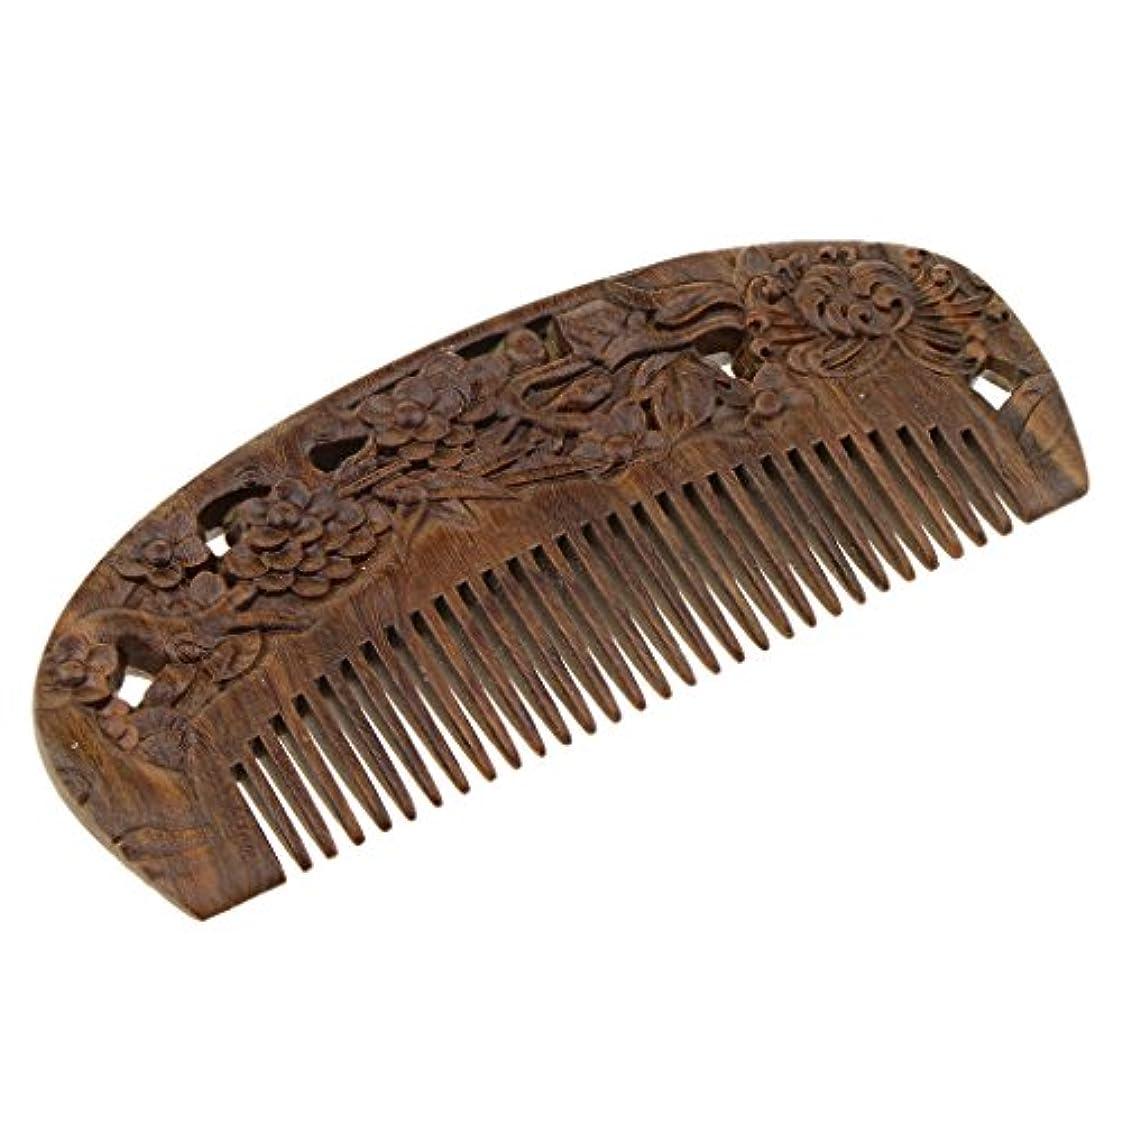 ハッチ発表希少性ヘアコーム 木製櫛 頭皮マッサージ 櫛 ヘアスタイリング 高品質 2タイプ選べる - #2